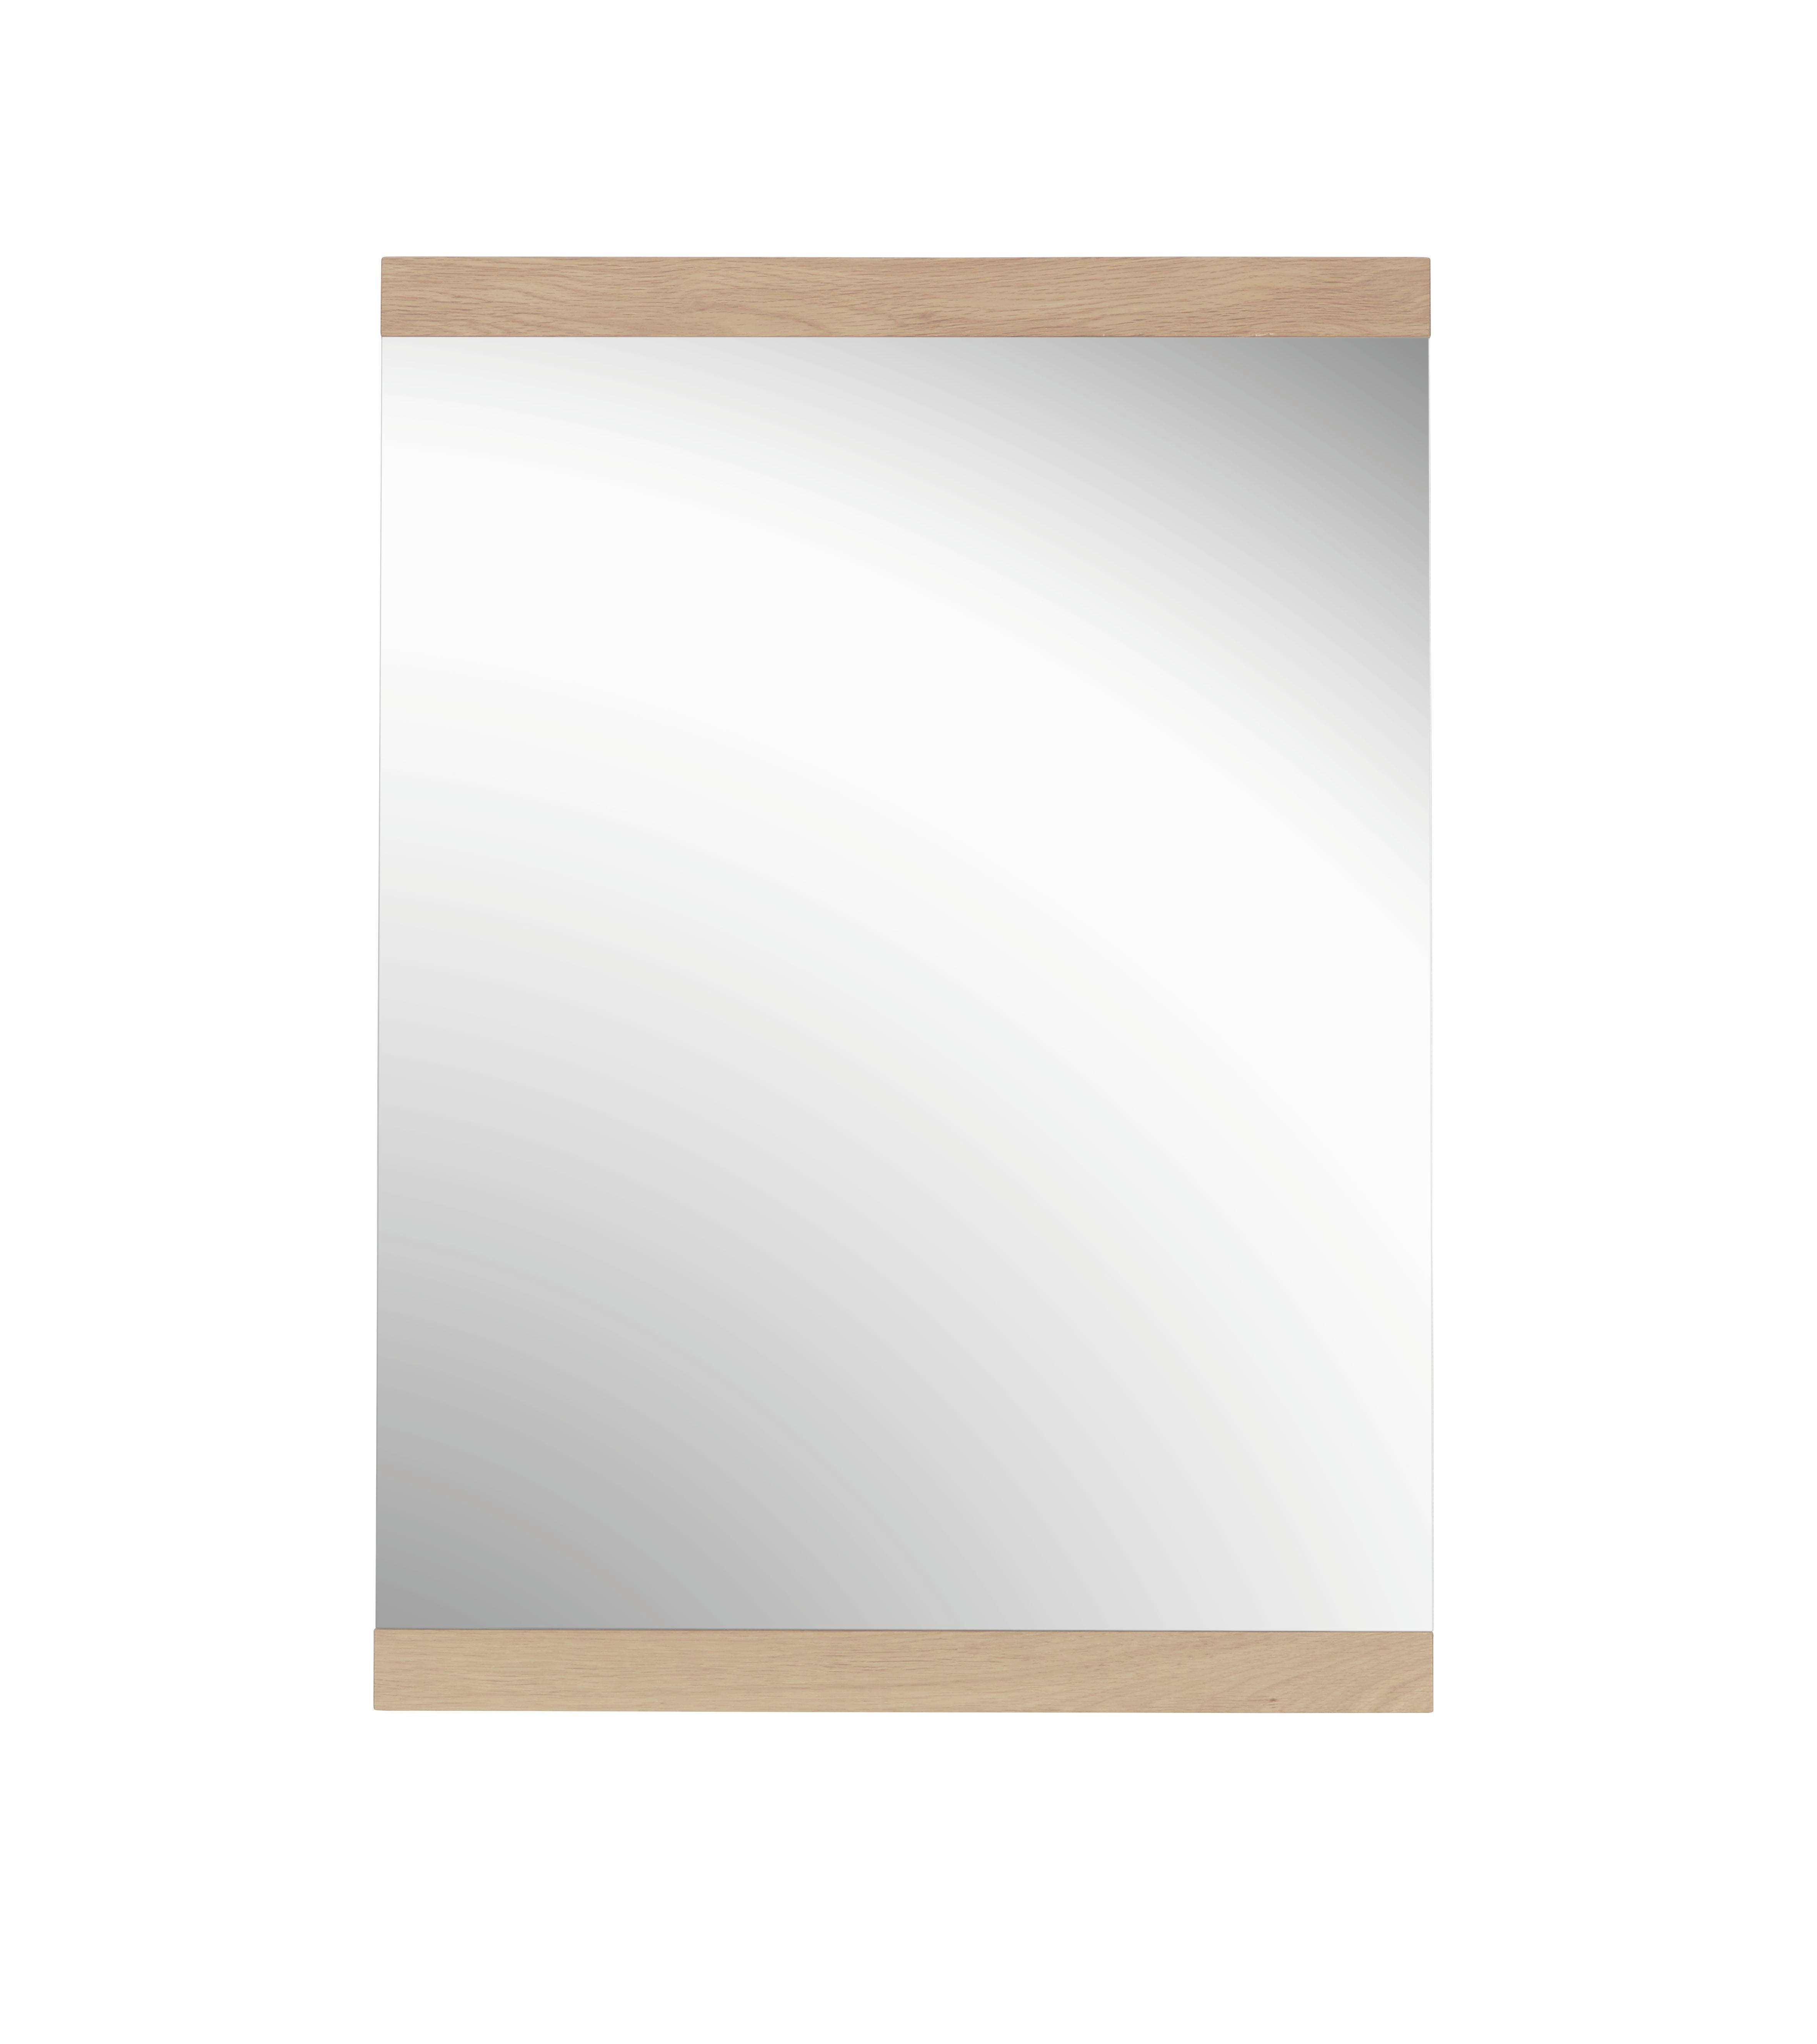 SPIEGEL Eichefarben - Eichefarben, MODERN, Glas/Holz (58/80cm)